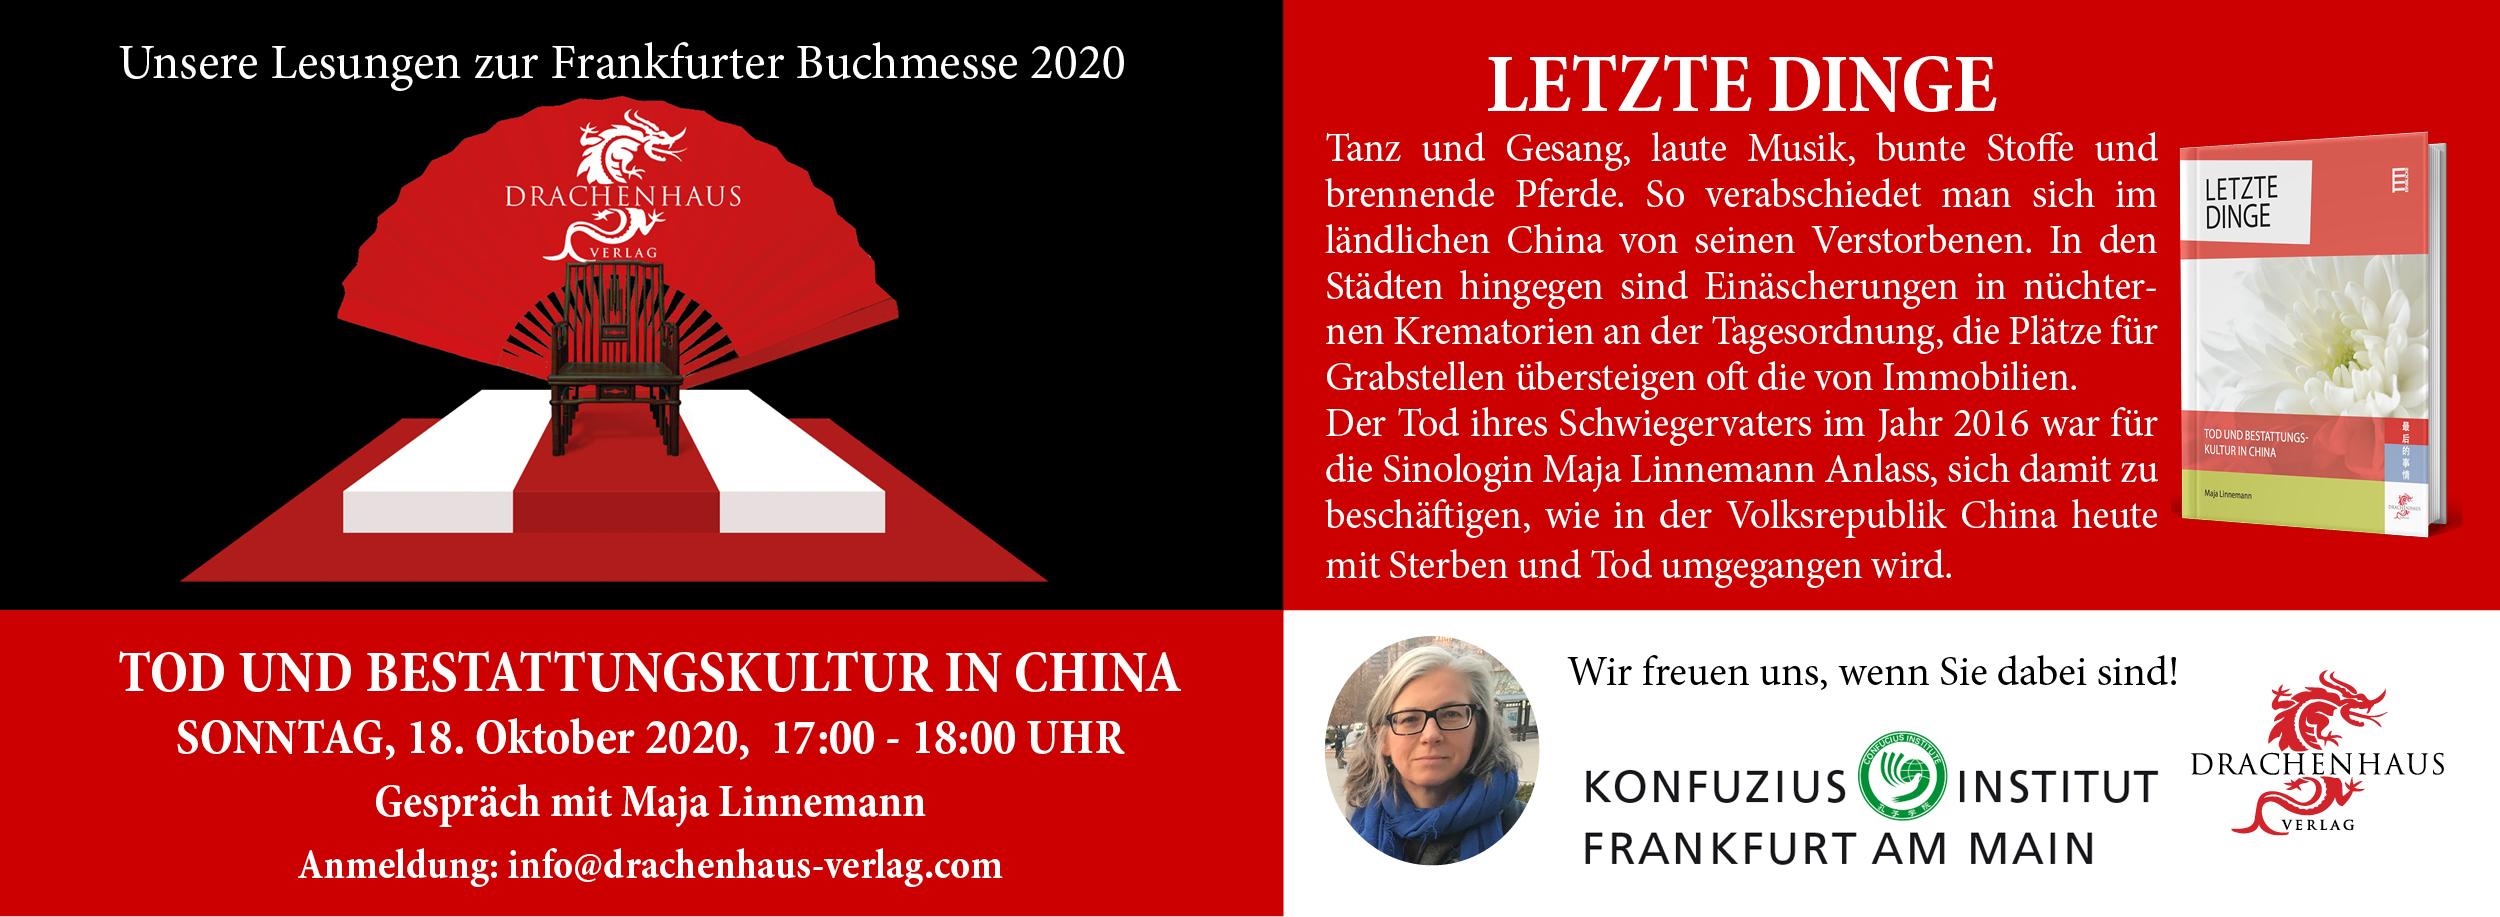 Letzte Dinge. Tod und Bestattungskultur in China. Drachenhaus Verlag